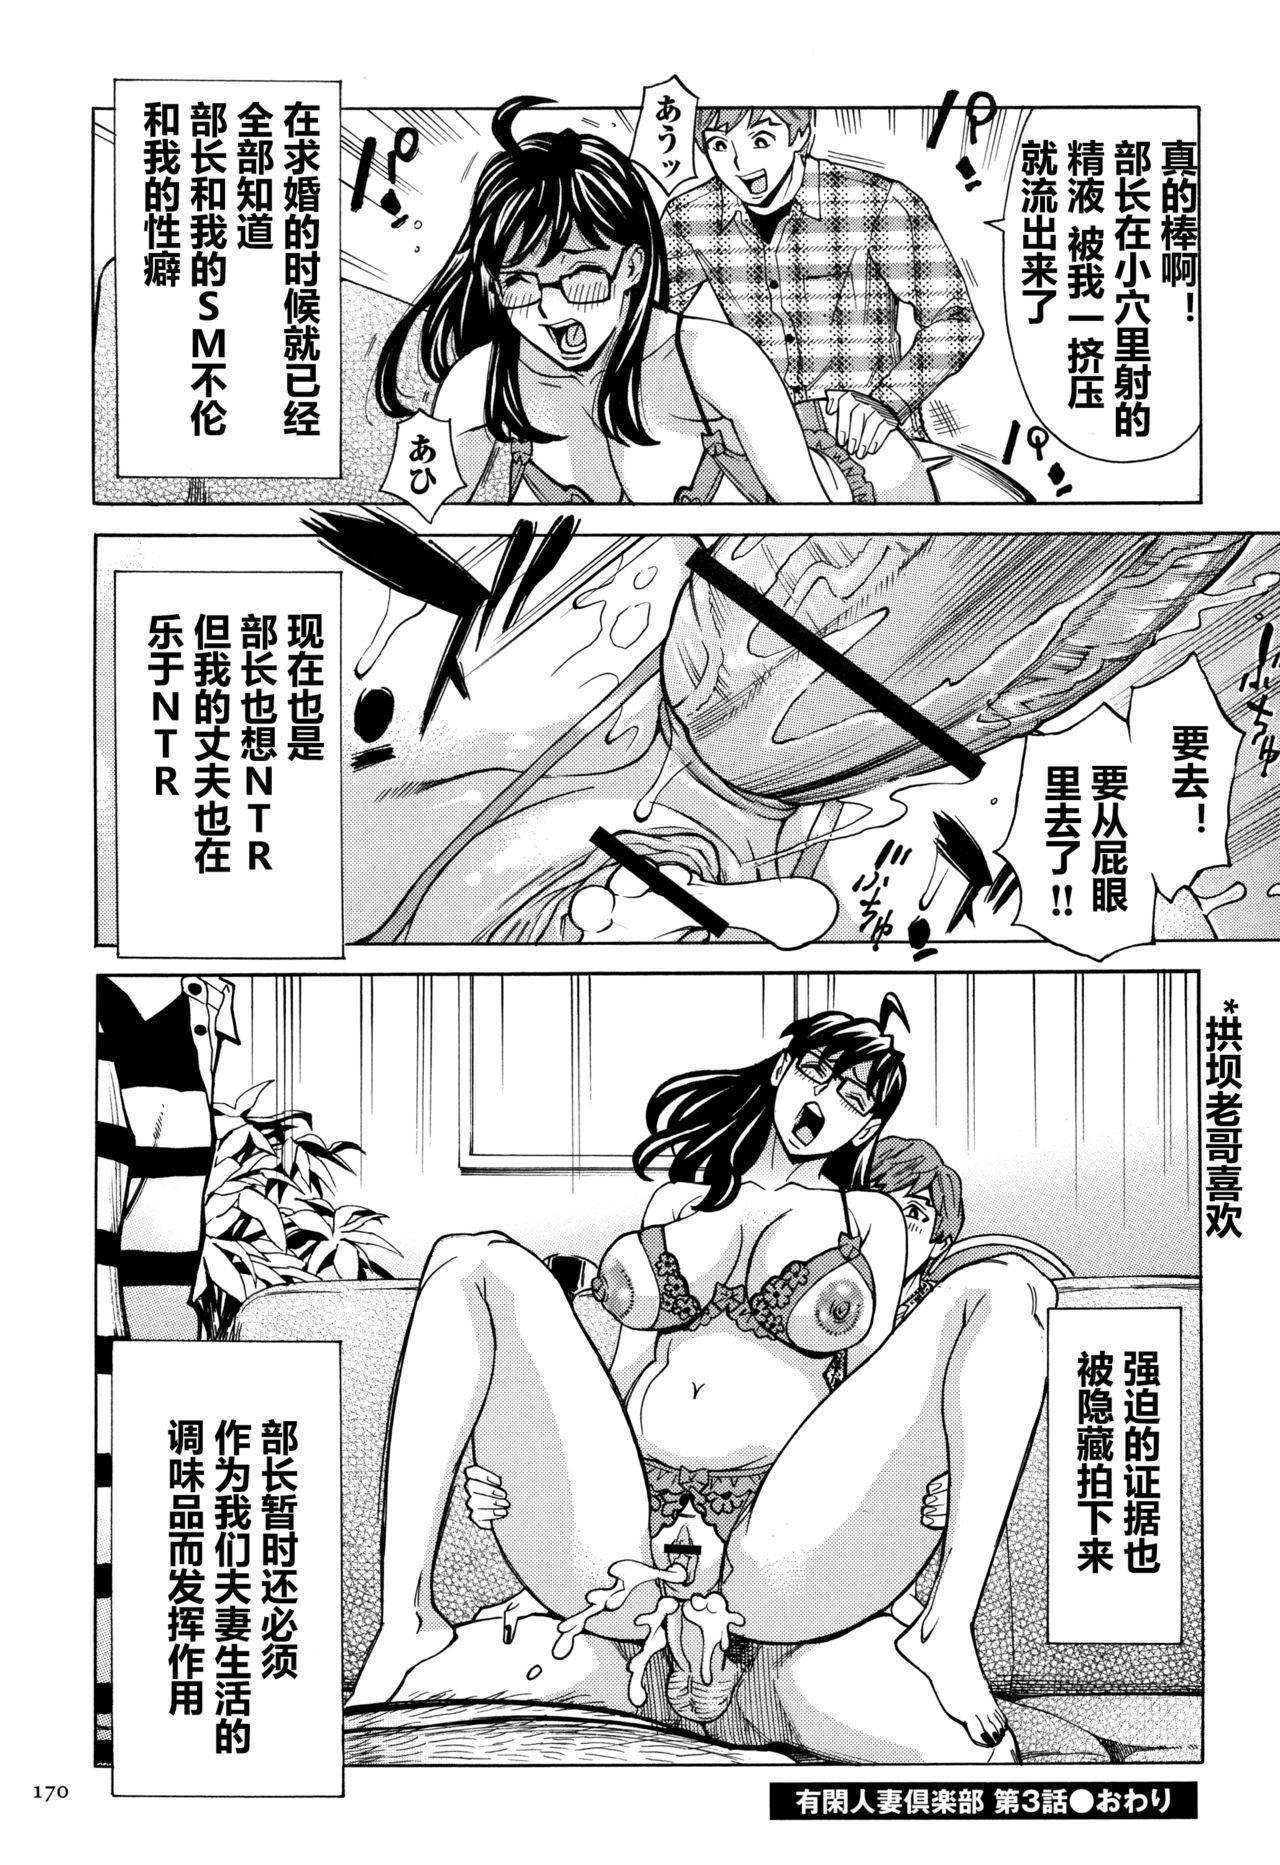 Oba-san dakedo, Daite Hoshii. 170